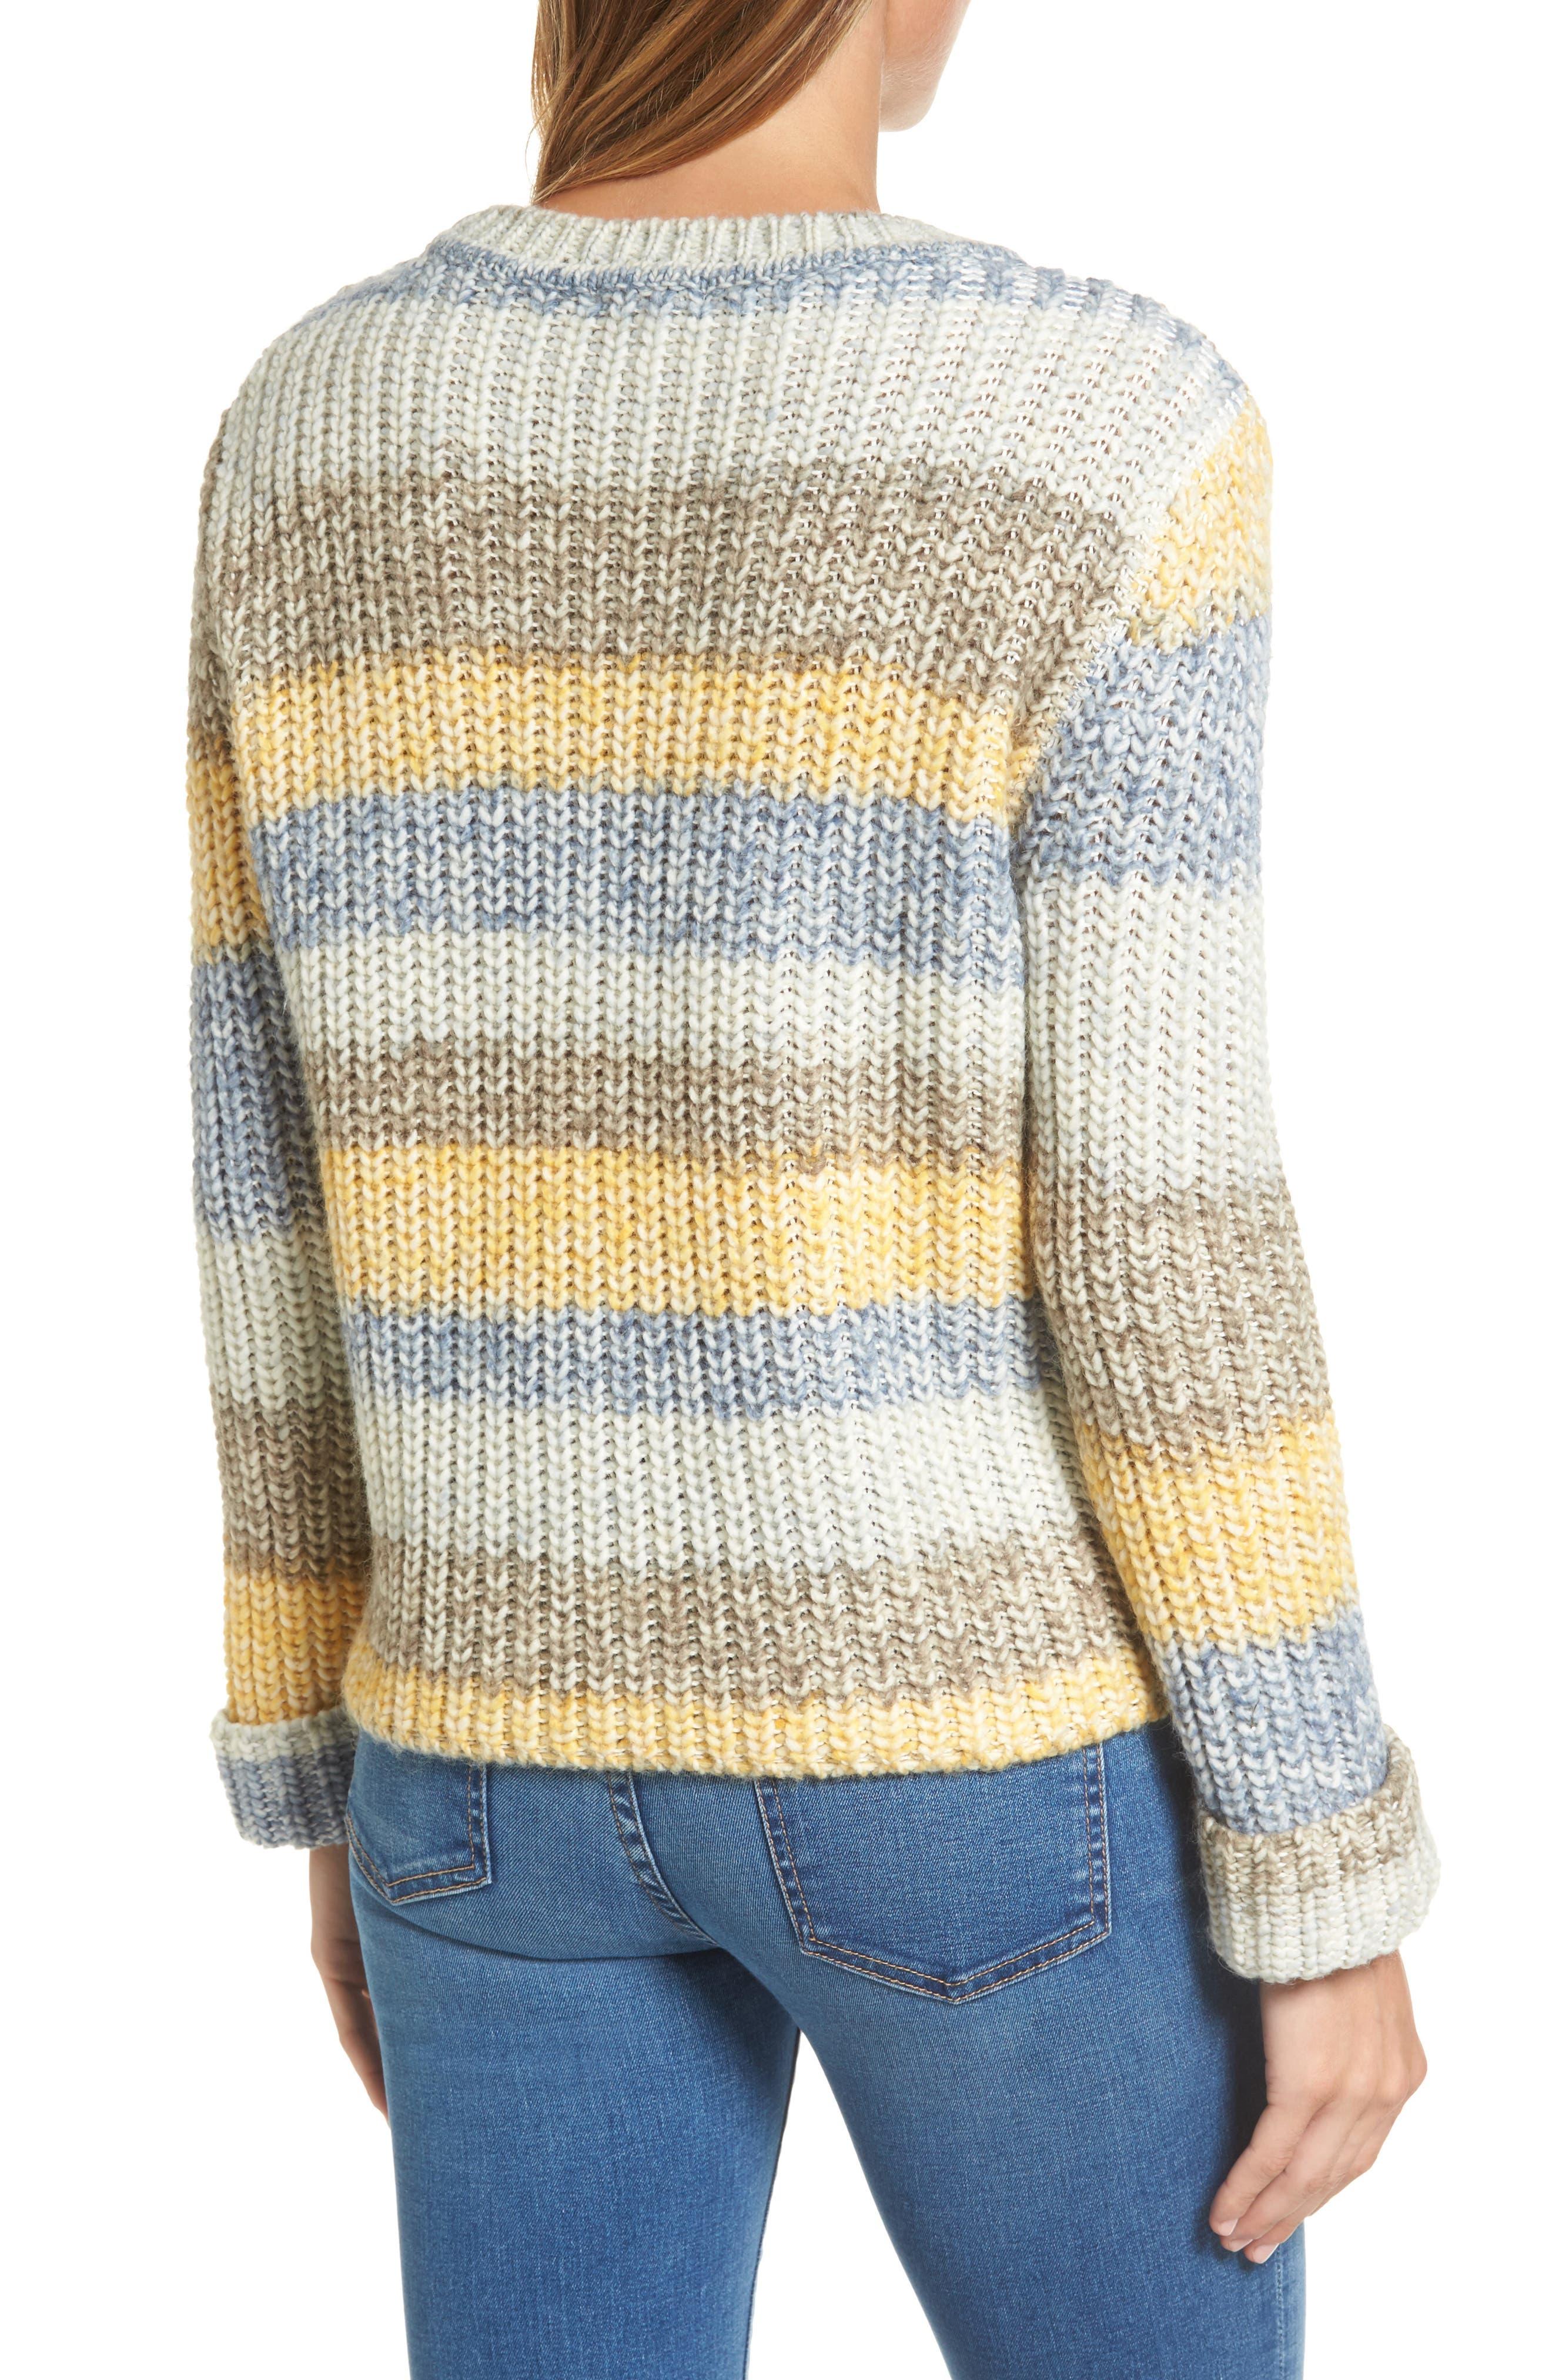 Hive Knit Fisherman Sweater,                             Alternate thumbnail 2, color,                             Sun Gold